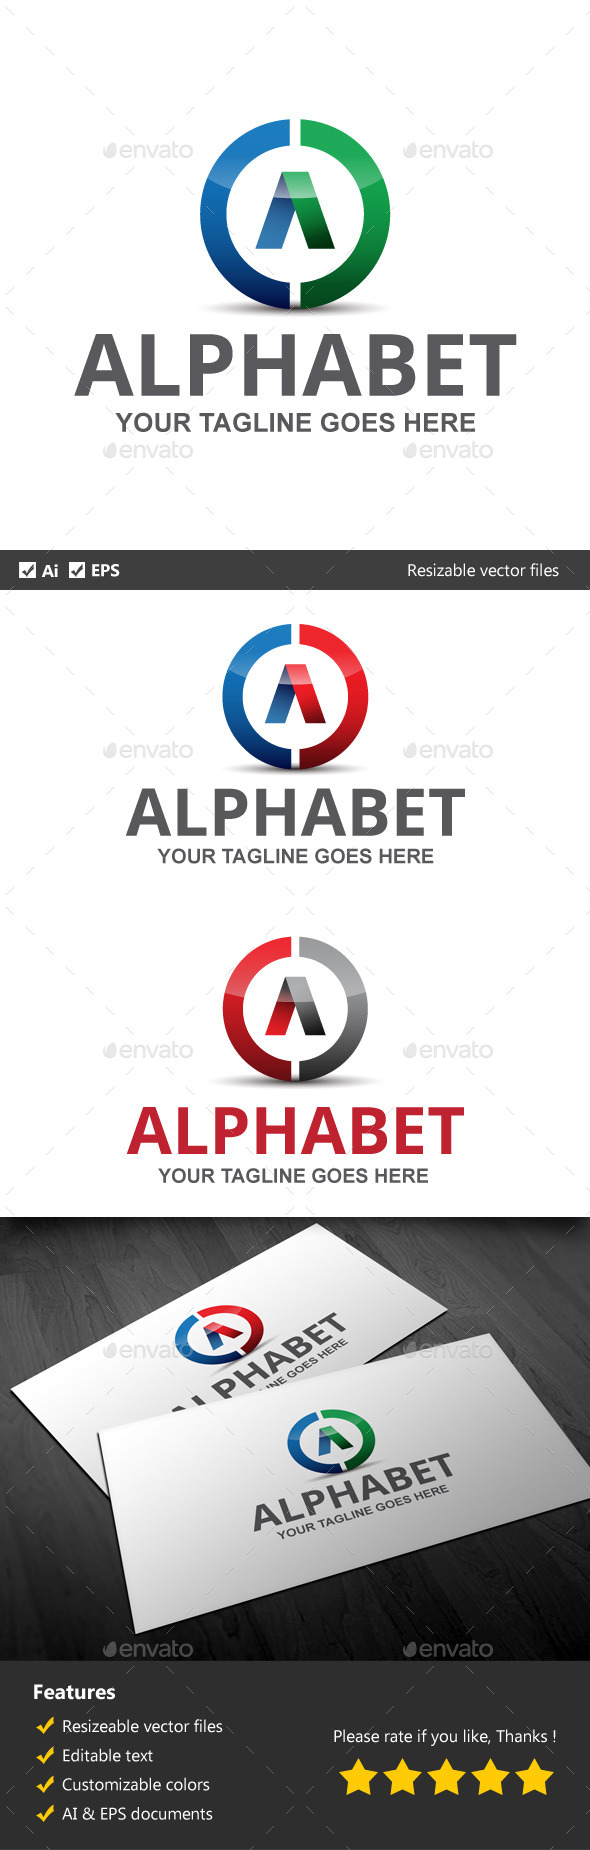 GraphicRiver Alphabet 10065797